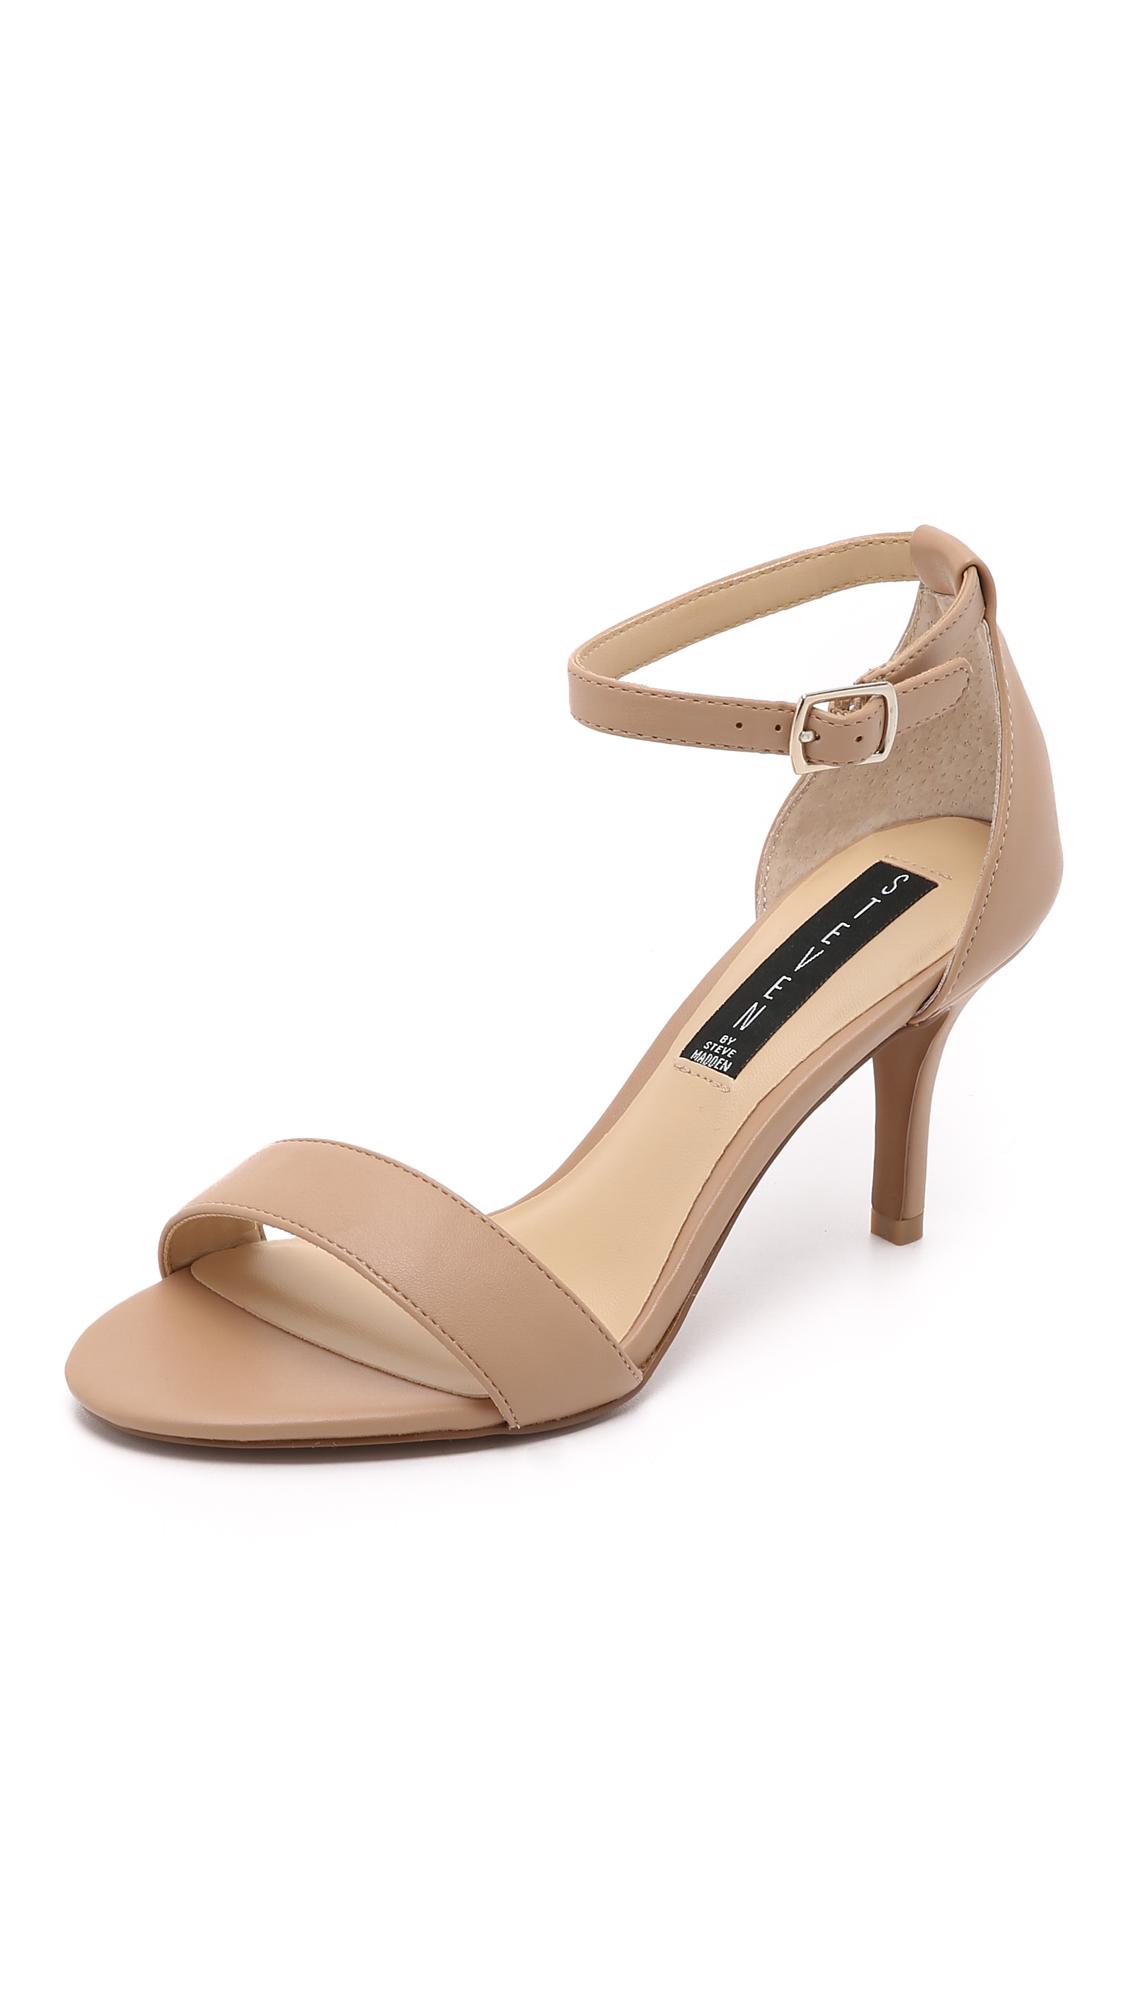 Steven Vienna Sandals - Natural